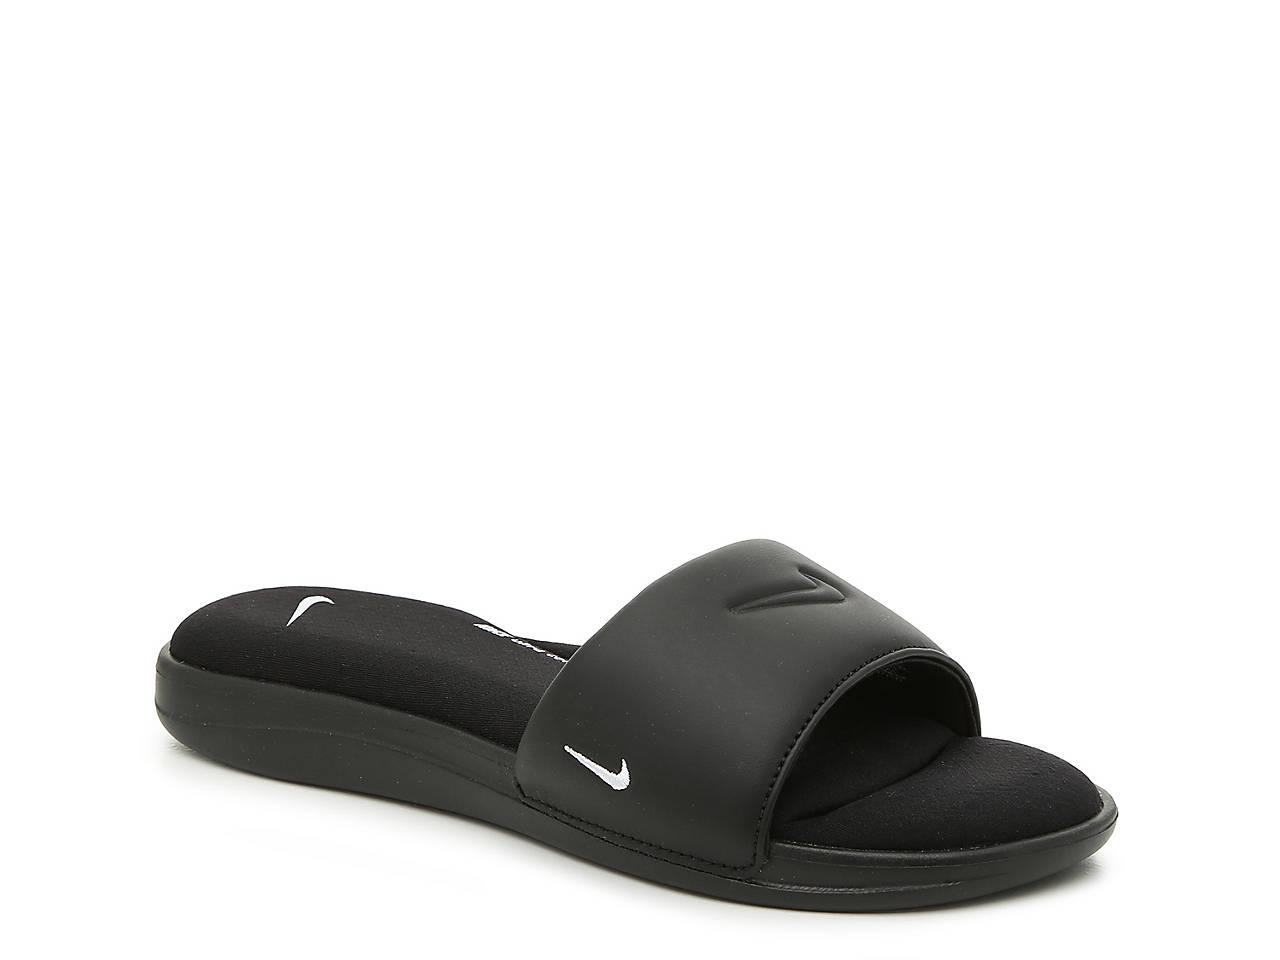 innovative design ffe06 51bcd Nike. Ultra Comfort 3 Slide Sandal ...